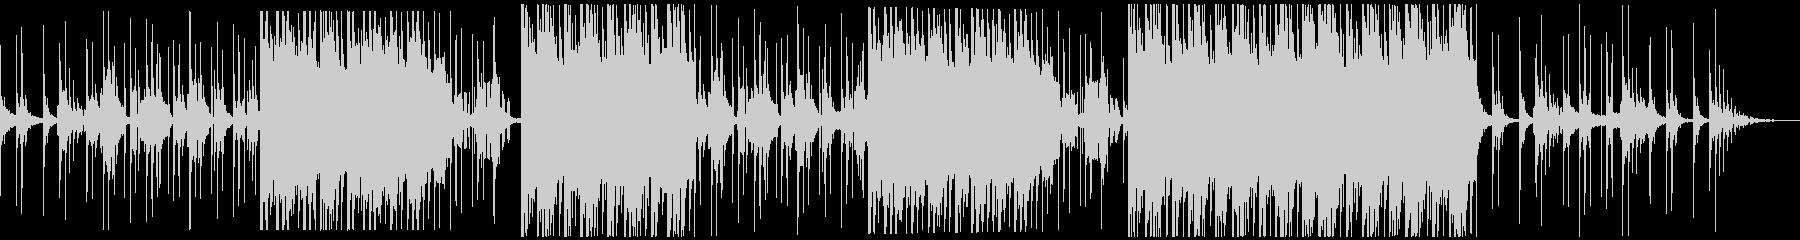 【生アコギ】セツナ美しいトロピカルハウスの未再生の波形